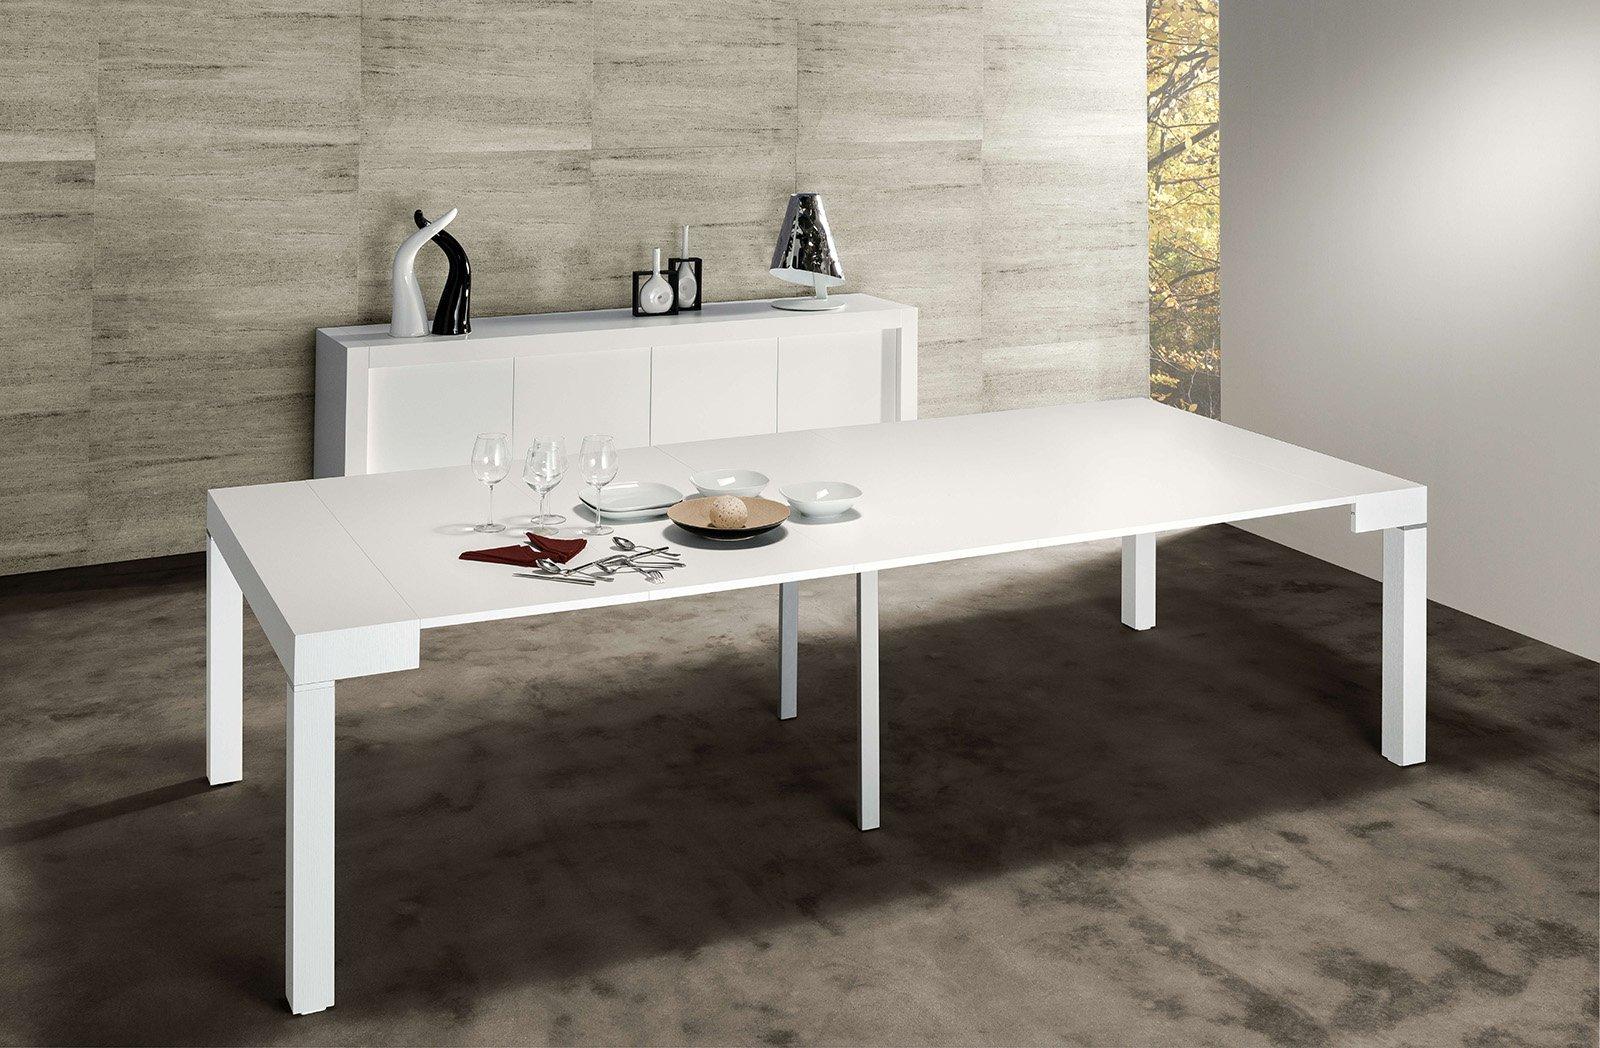 Tavoli allungabili trasformabili quando serve cose di casa for Riflessi tavoli allungabili